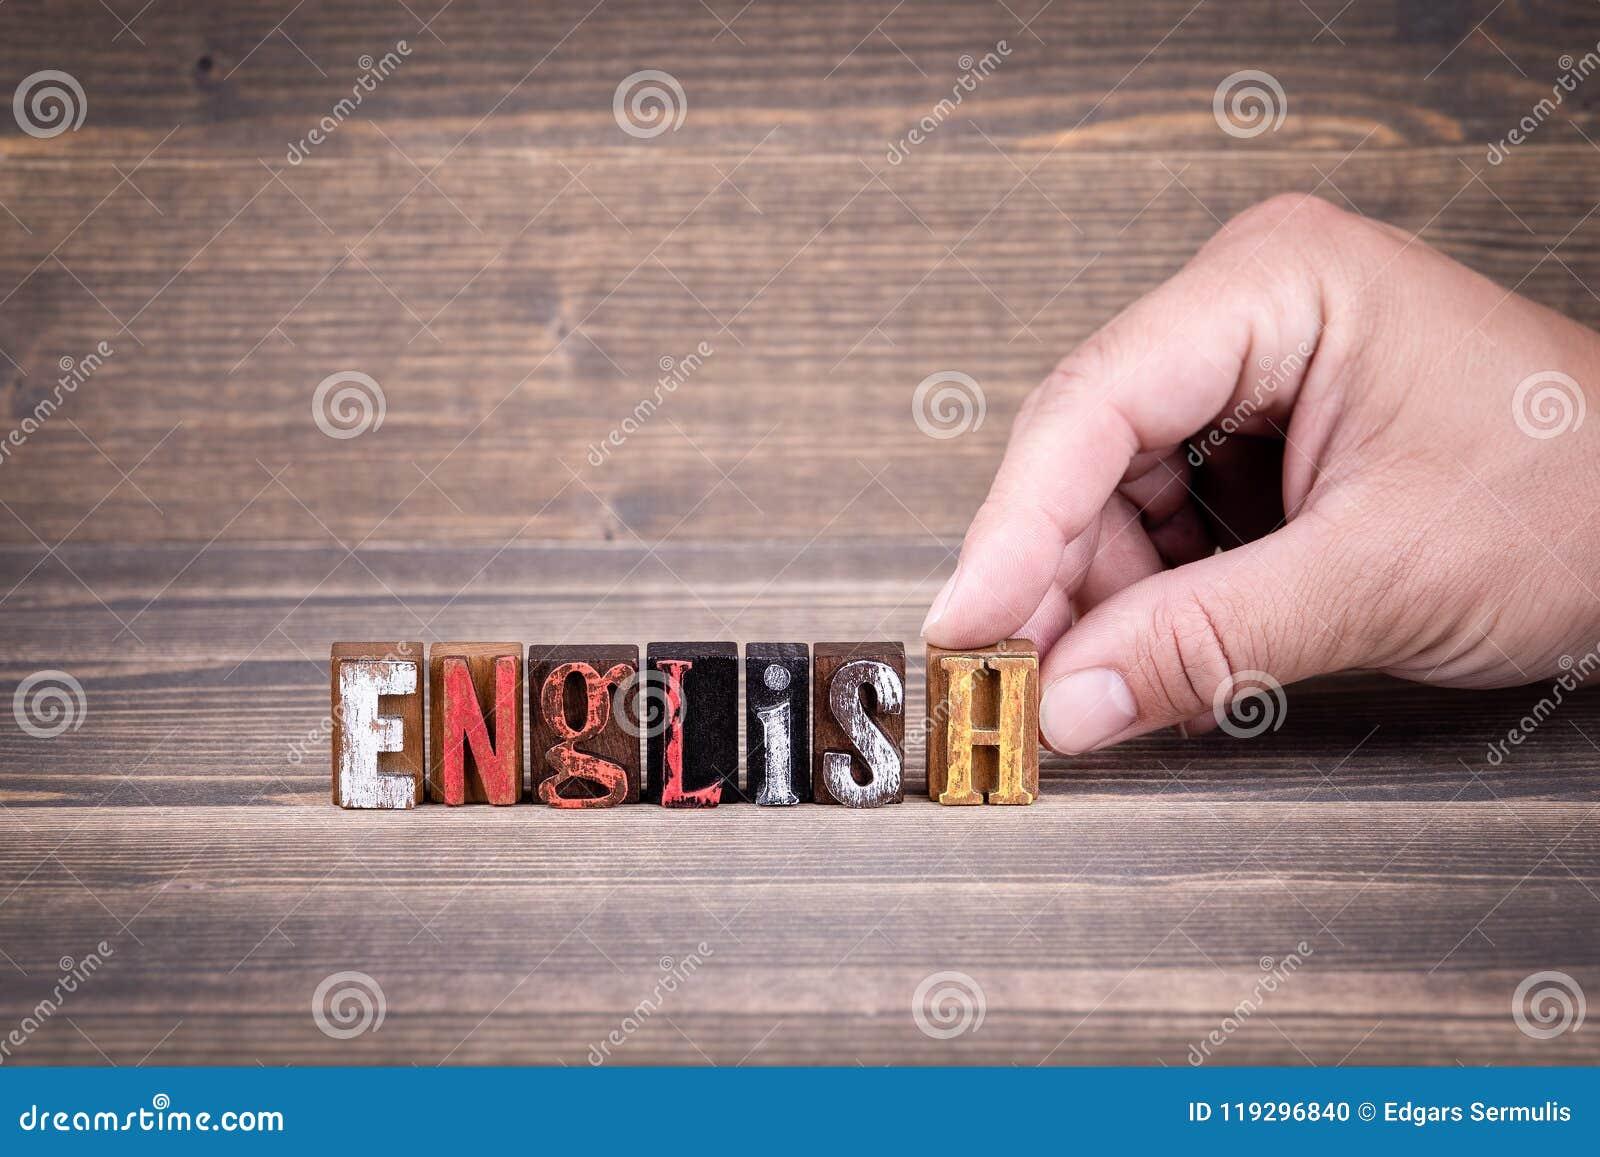 Englisch, Bildung und Geschäftskonzept